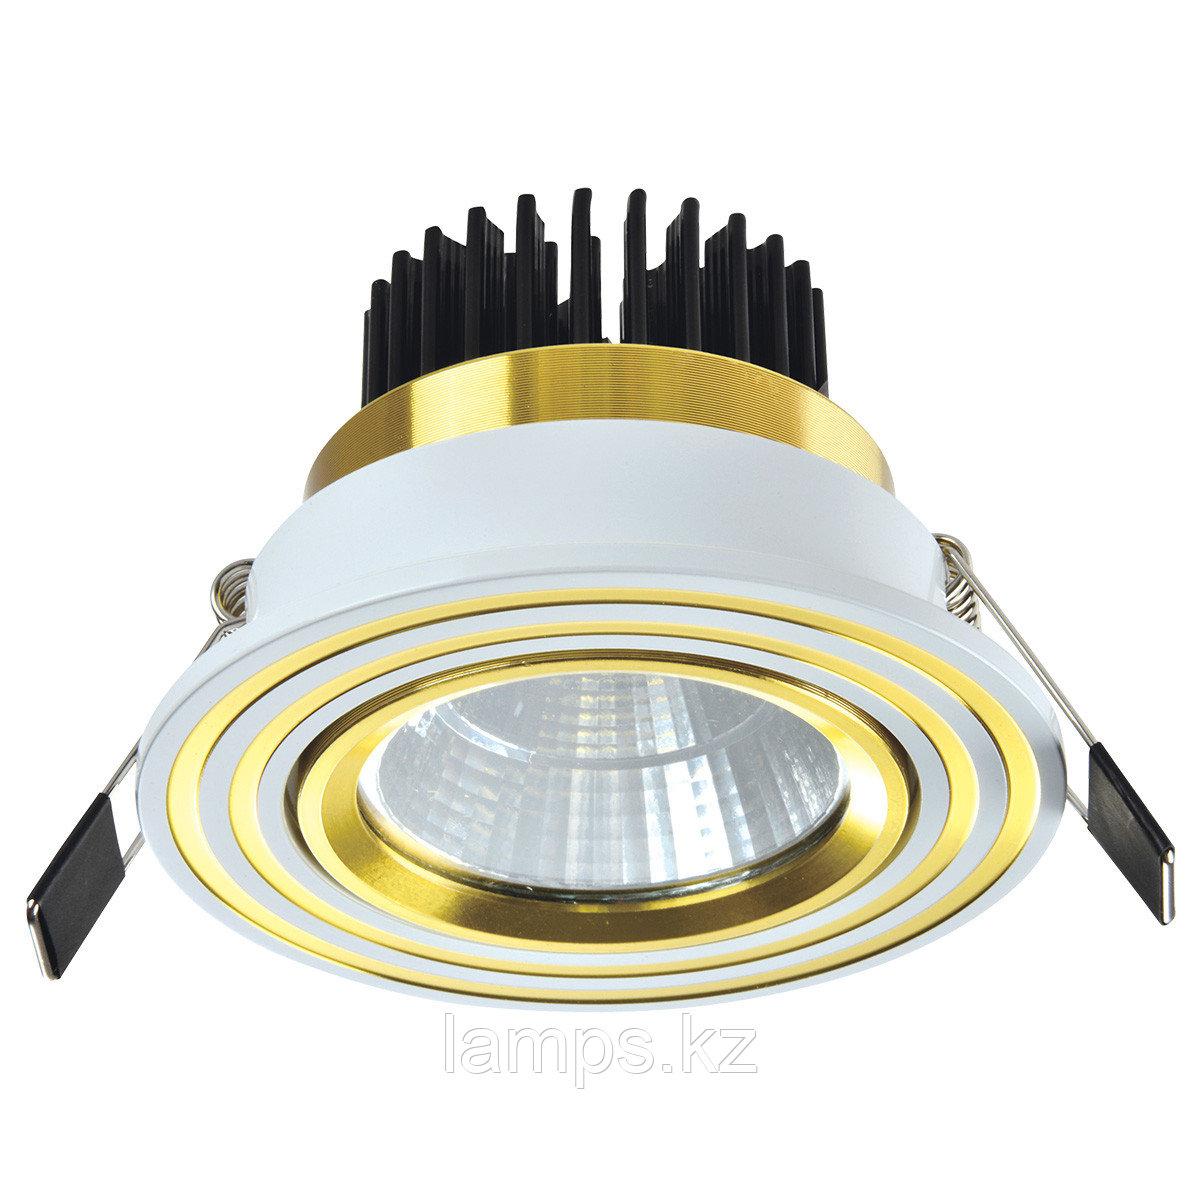 Спот встраиваемый светодиодный LED OC011 5W White Gold